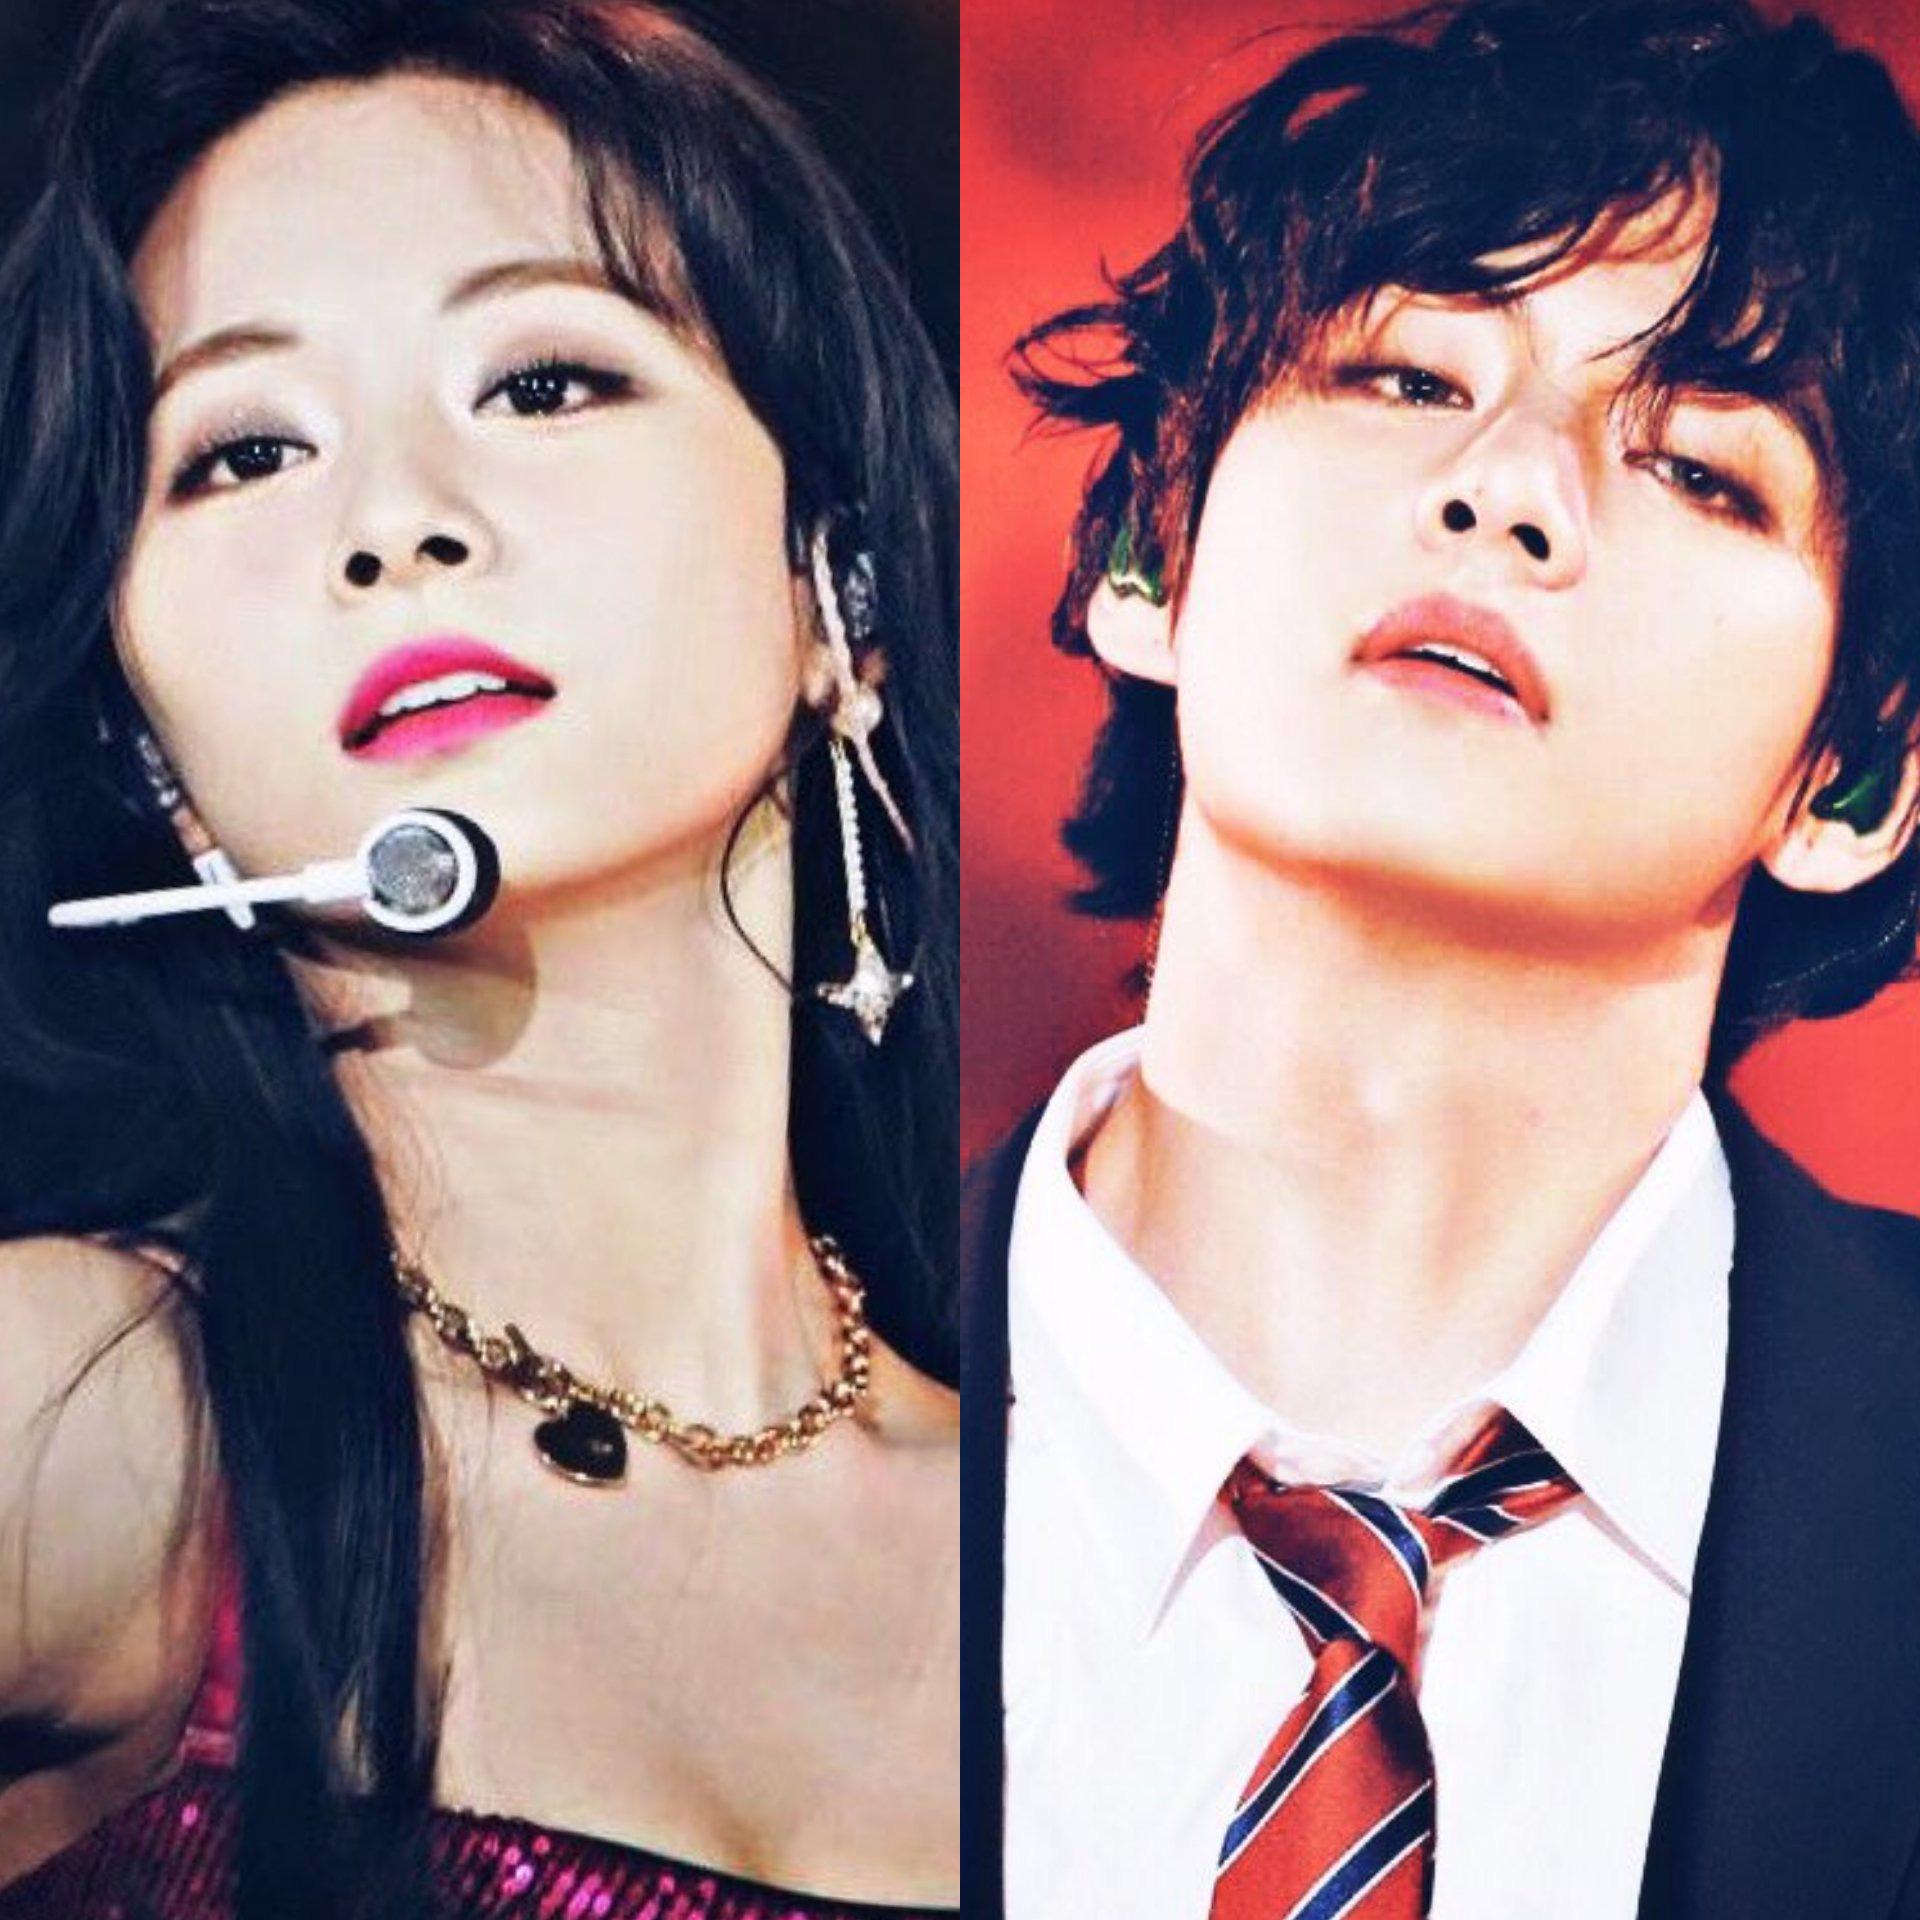 Mật báo Kbiz: Thành viên BTS hẹn hò em út TWICE, nội bộ IZ*ONE không như tin đồn, sự thật về hội bạn đình đám Kbiz toang hậu scandal - Ảnh 3.